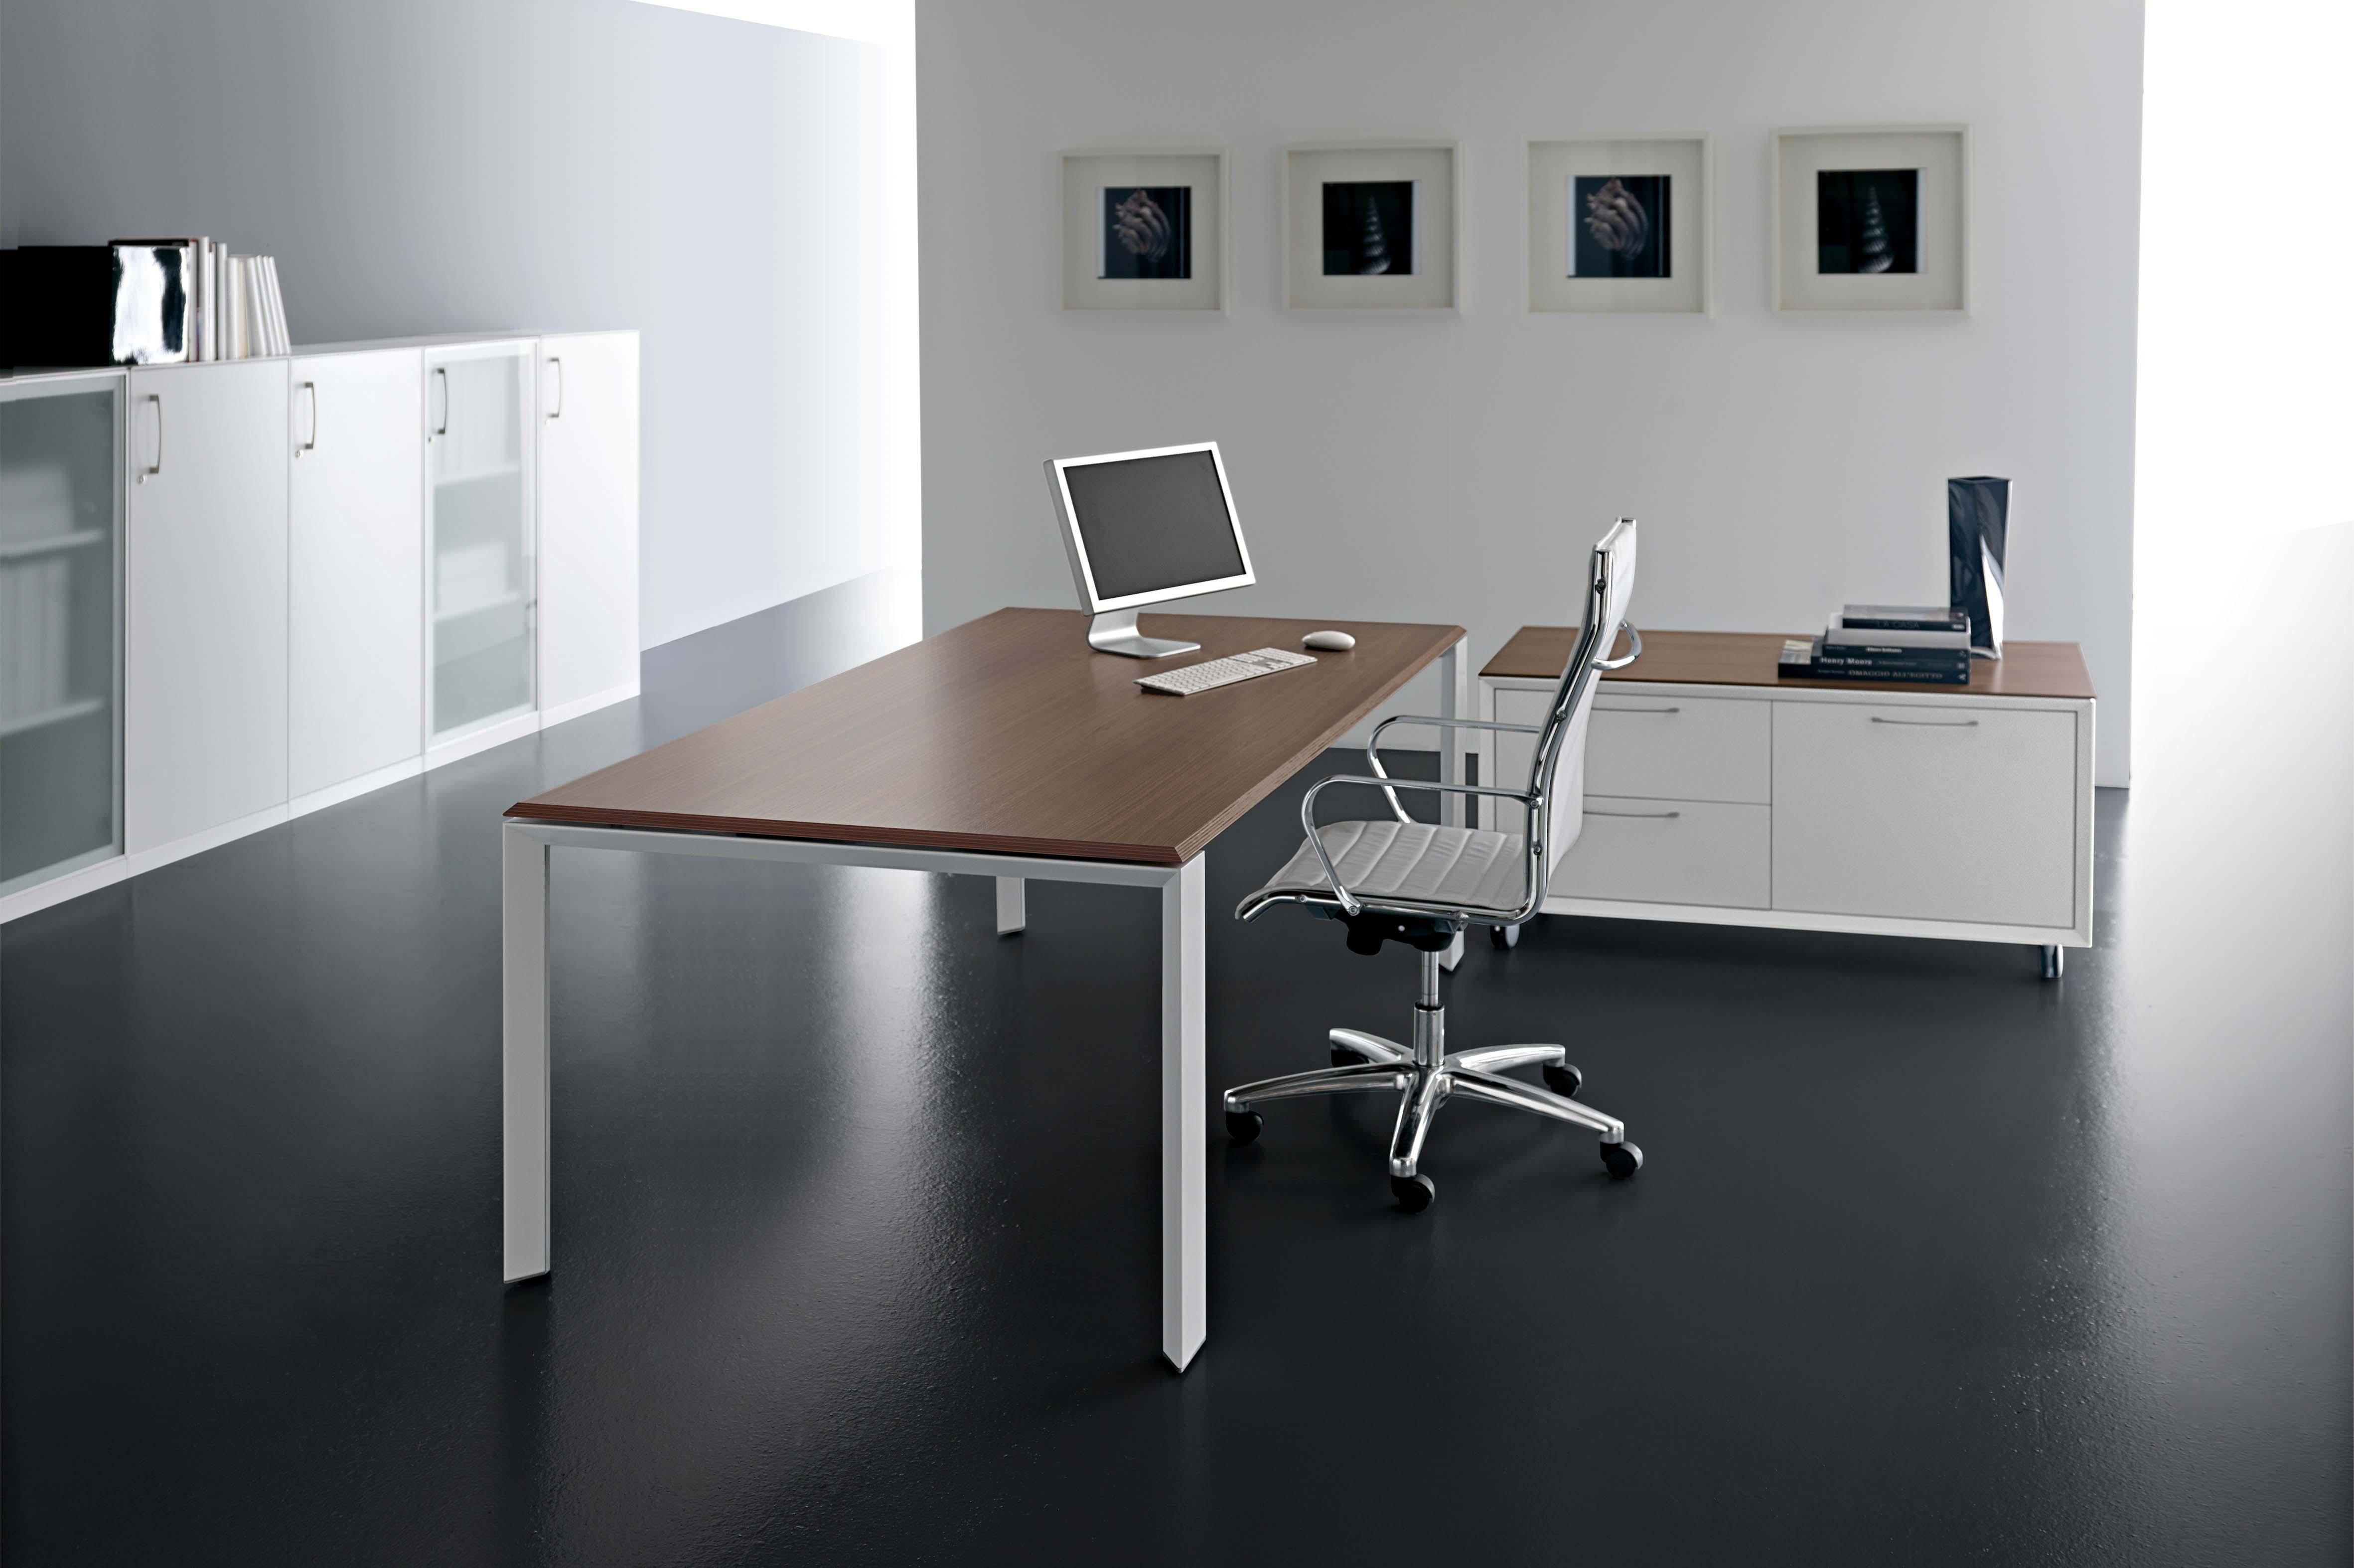 Arredamento Ufficio Rimini : Scrivanie donati alberto arredamenti e mobili per ufficio rimini